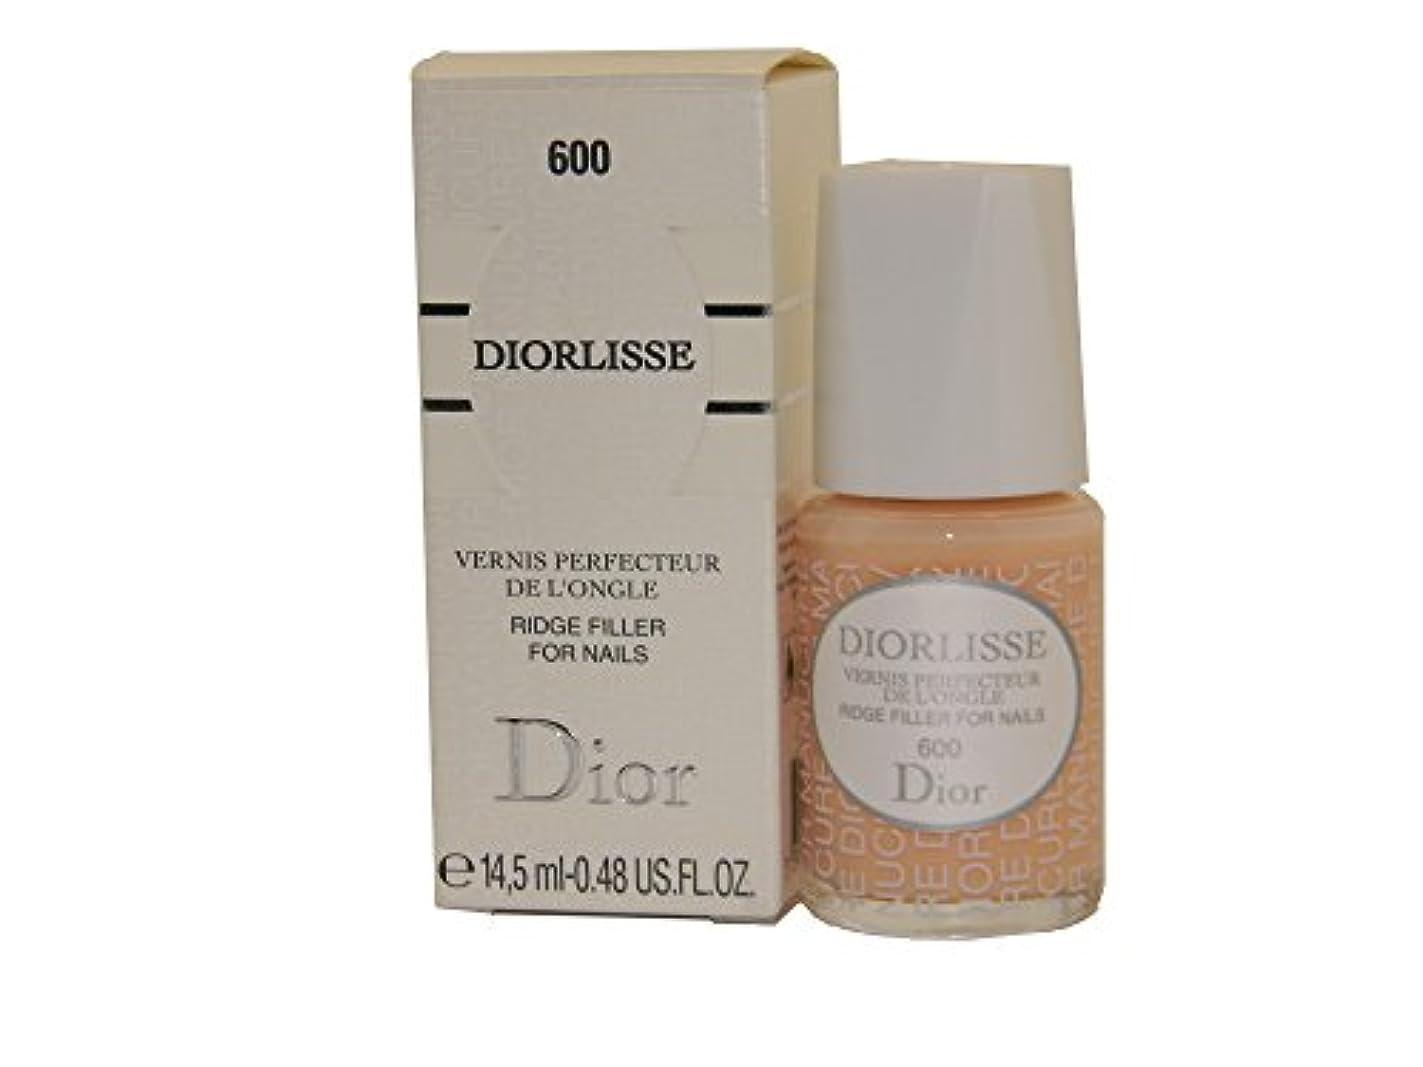 半球彼らのバイナリDior Diorlisse Ridge Filler For Nail 600(ディオールリス リッジフィラー フォーネイル 600)[海外直送品] [並行輸入品]